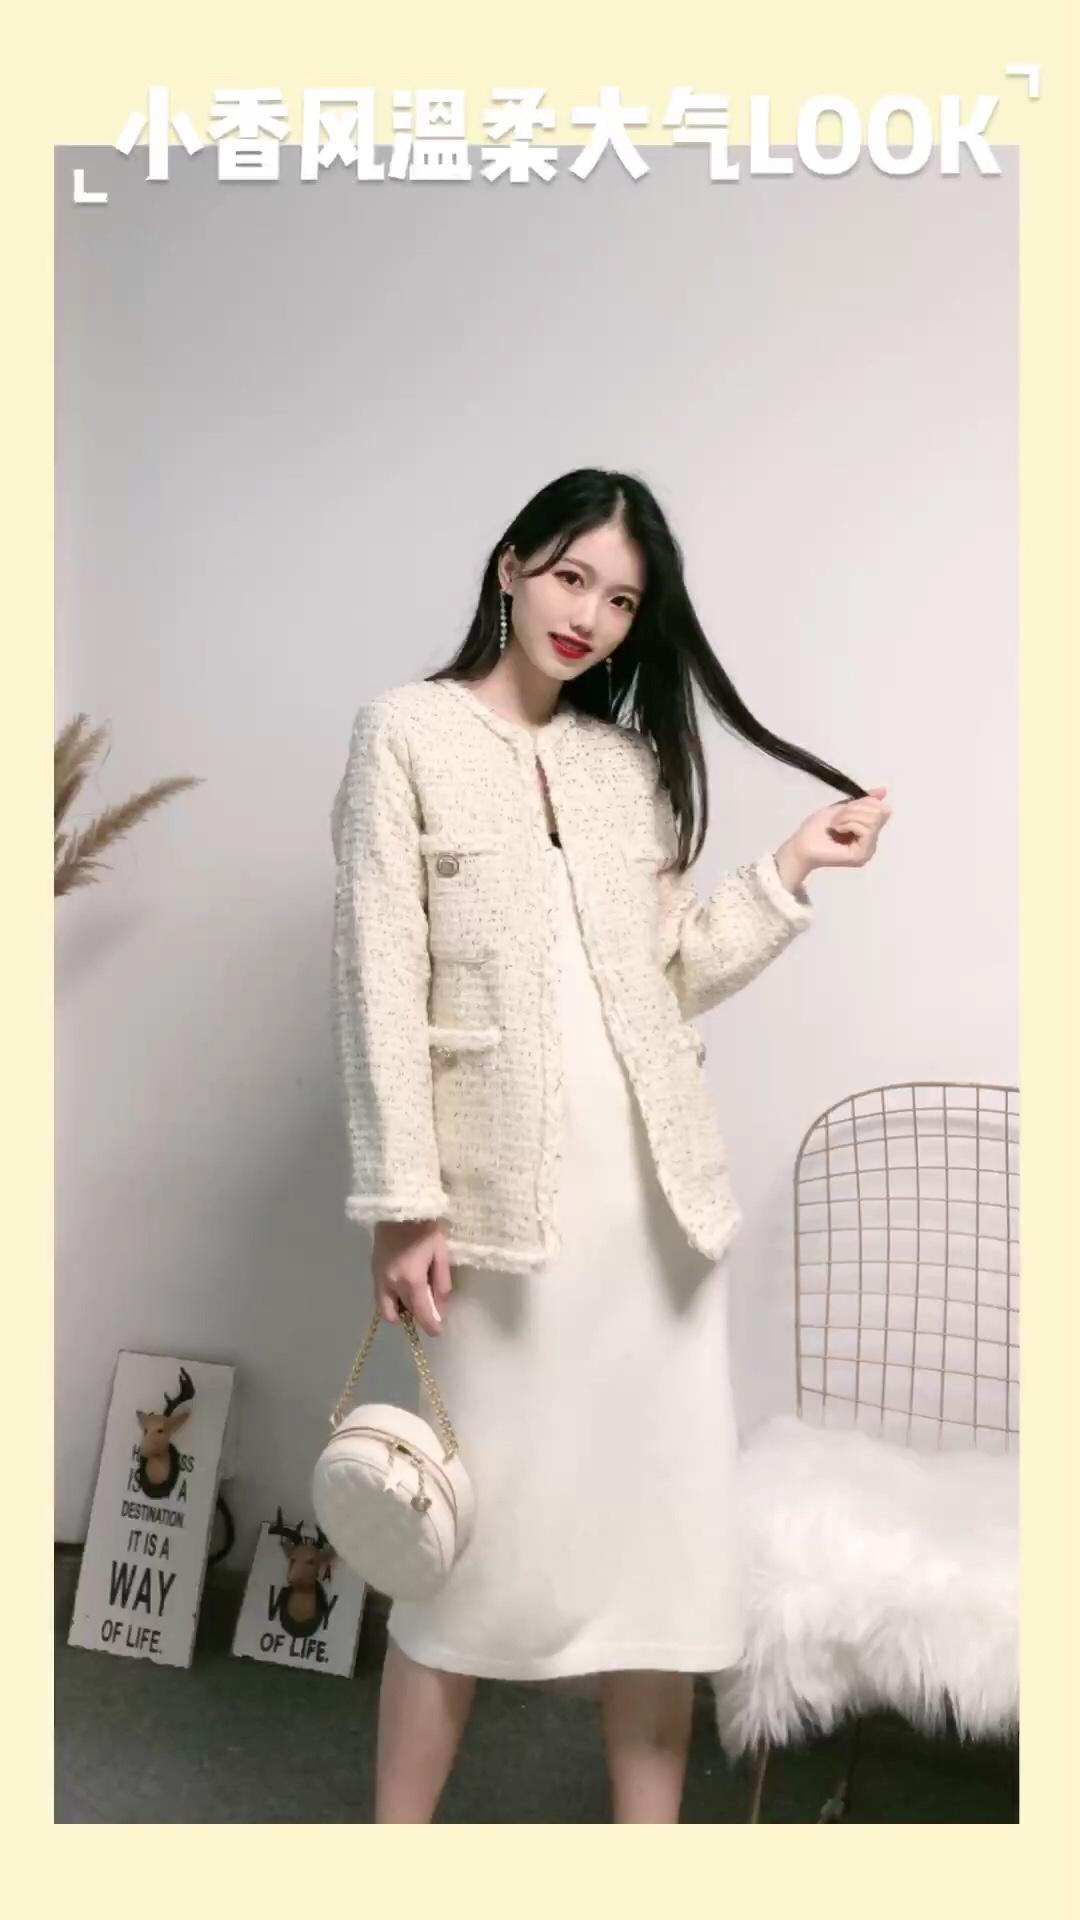 #秋装上新穿搭打卡#  奶白色系超温柔 大爱这件小香风外套 气质满分 里面搭配一条同色裙 好看极啦